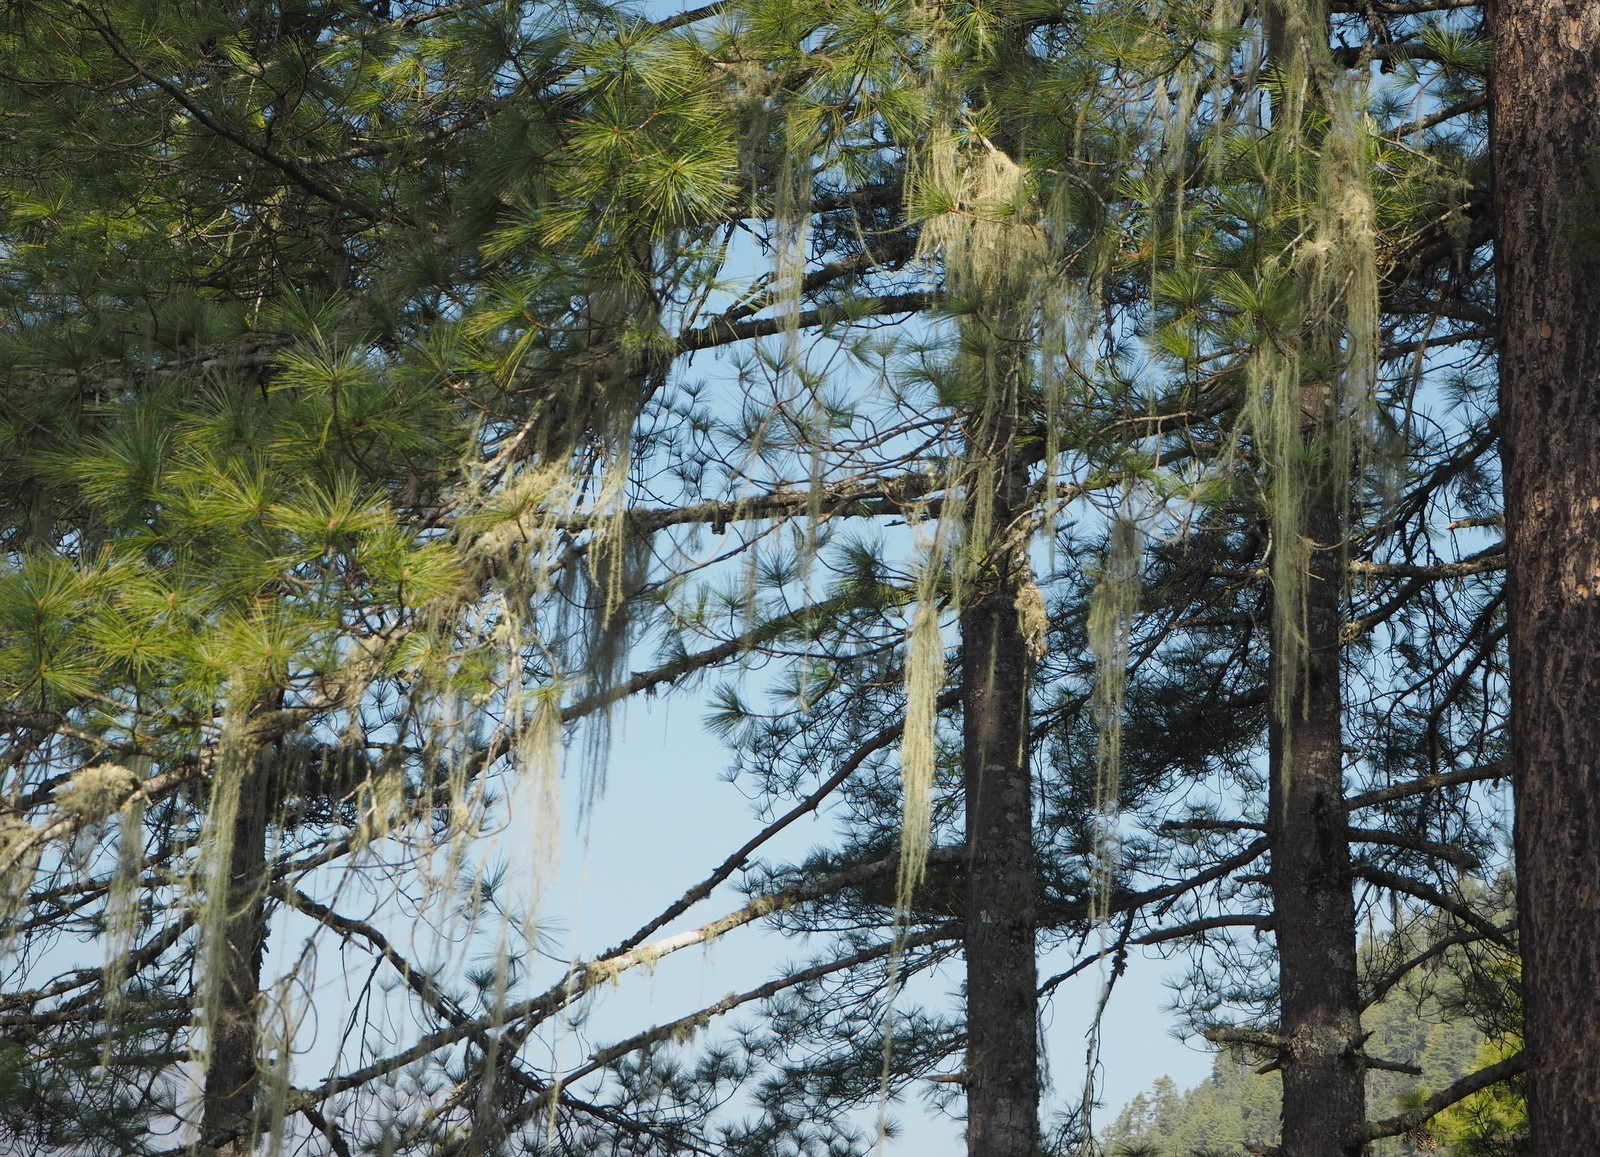 Tiikerinpesä Tiger's Nest metsää